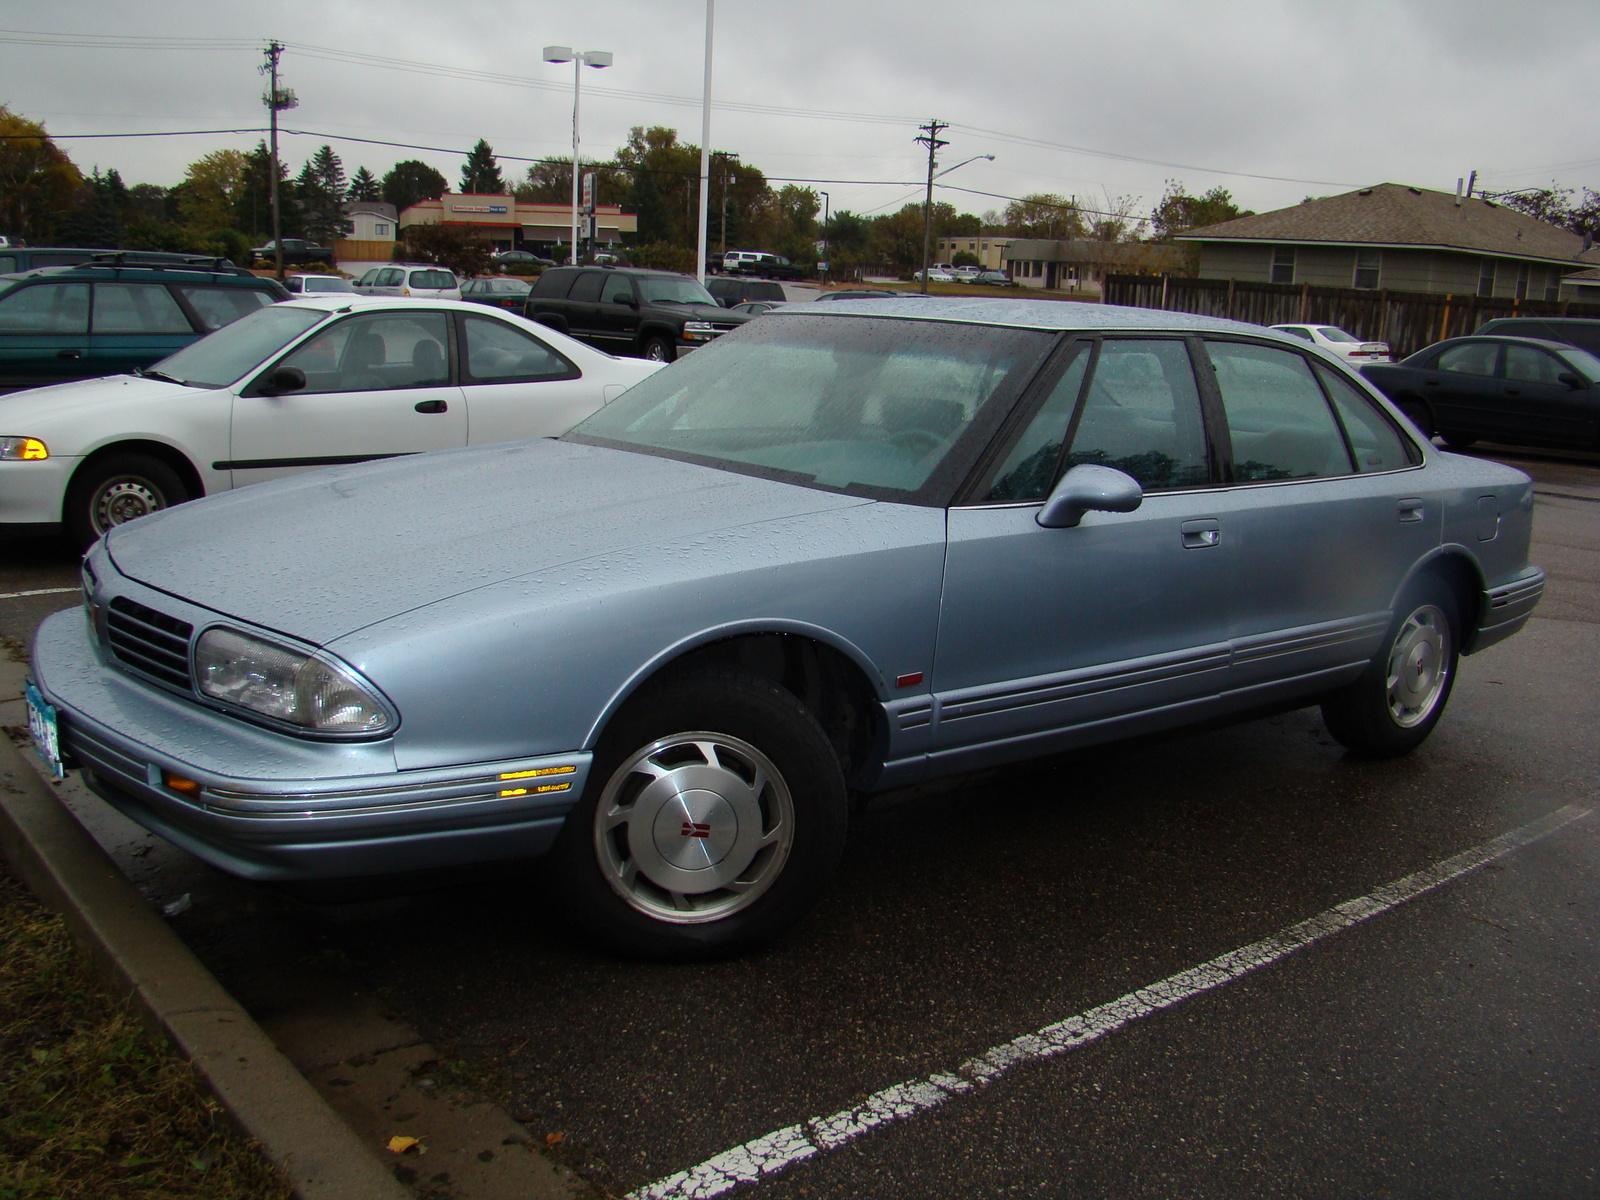 1994 oldsmobile eighty eight royale 9 oldsmobile eighty eight royale 9